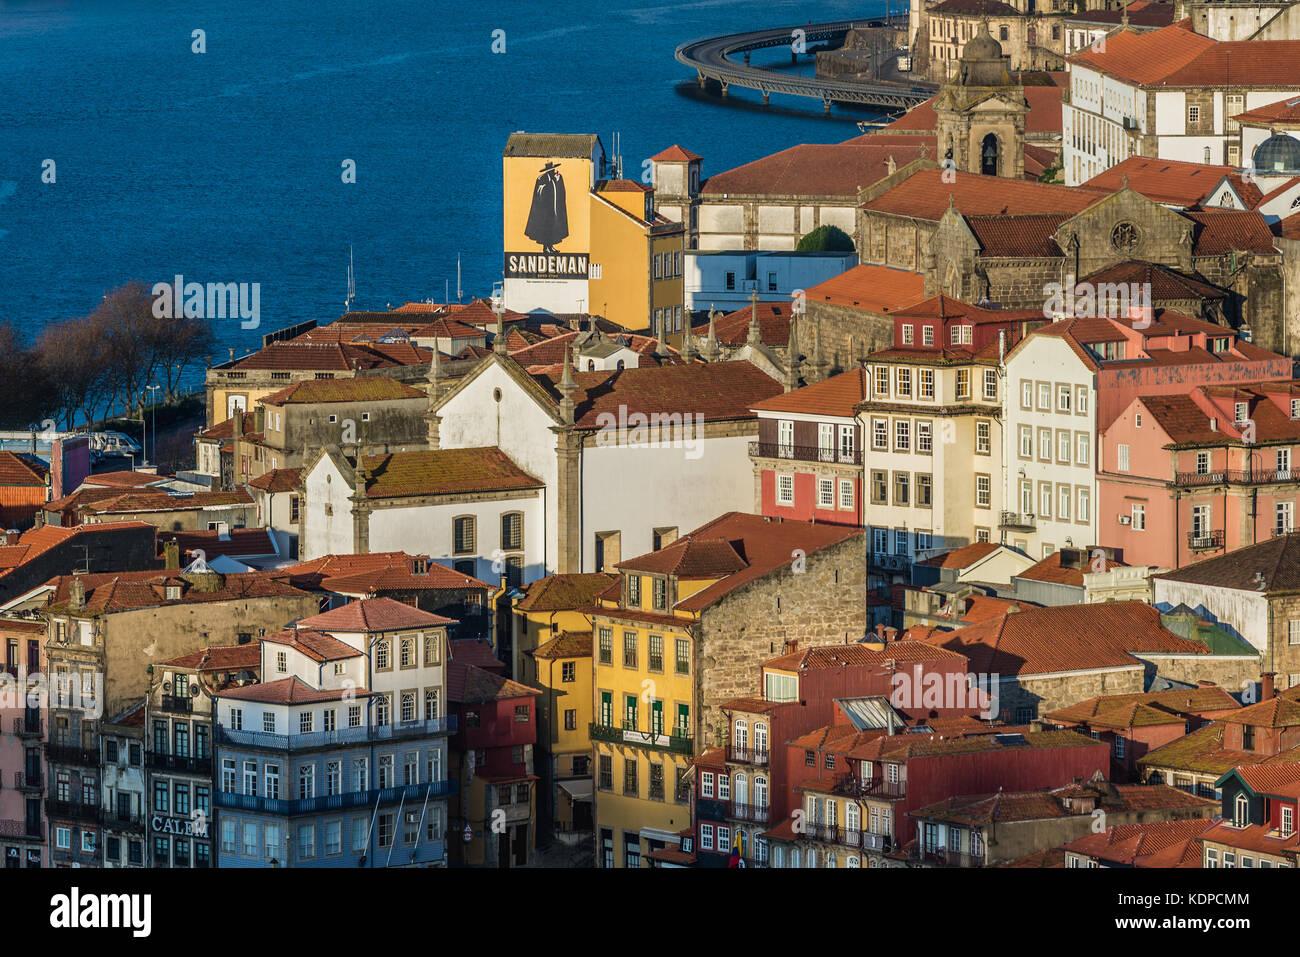 sandeman porto portugal stock photos amp sandeman porto